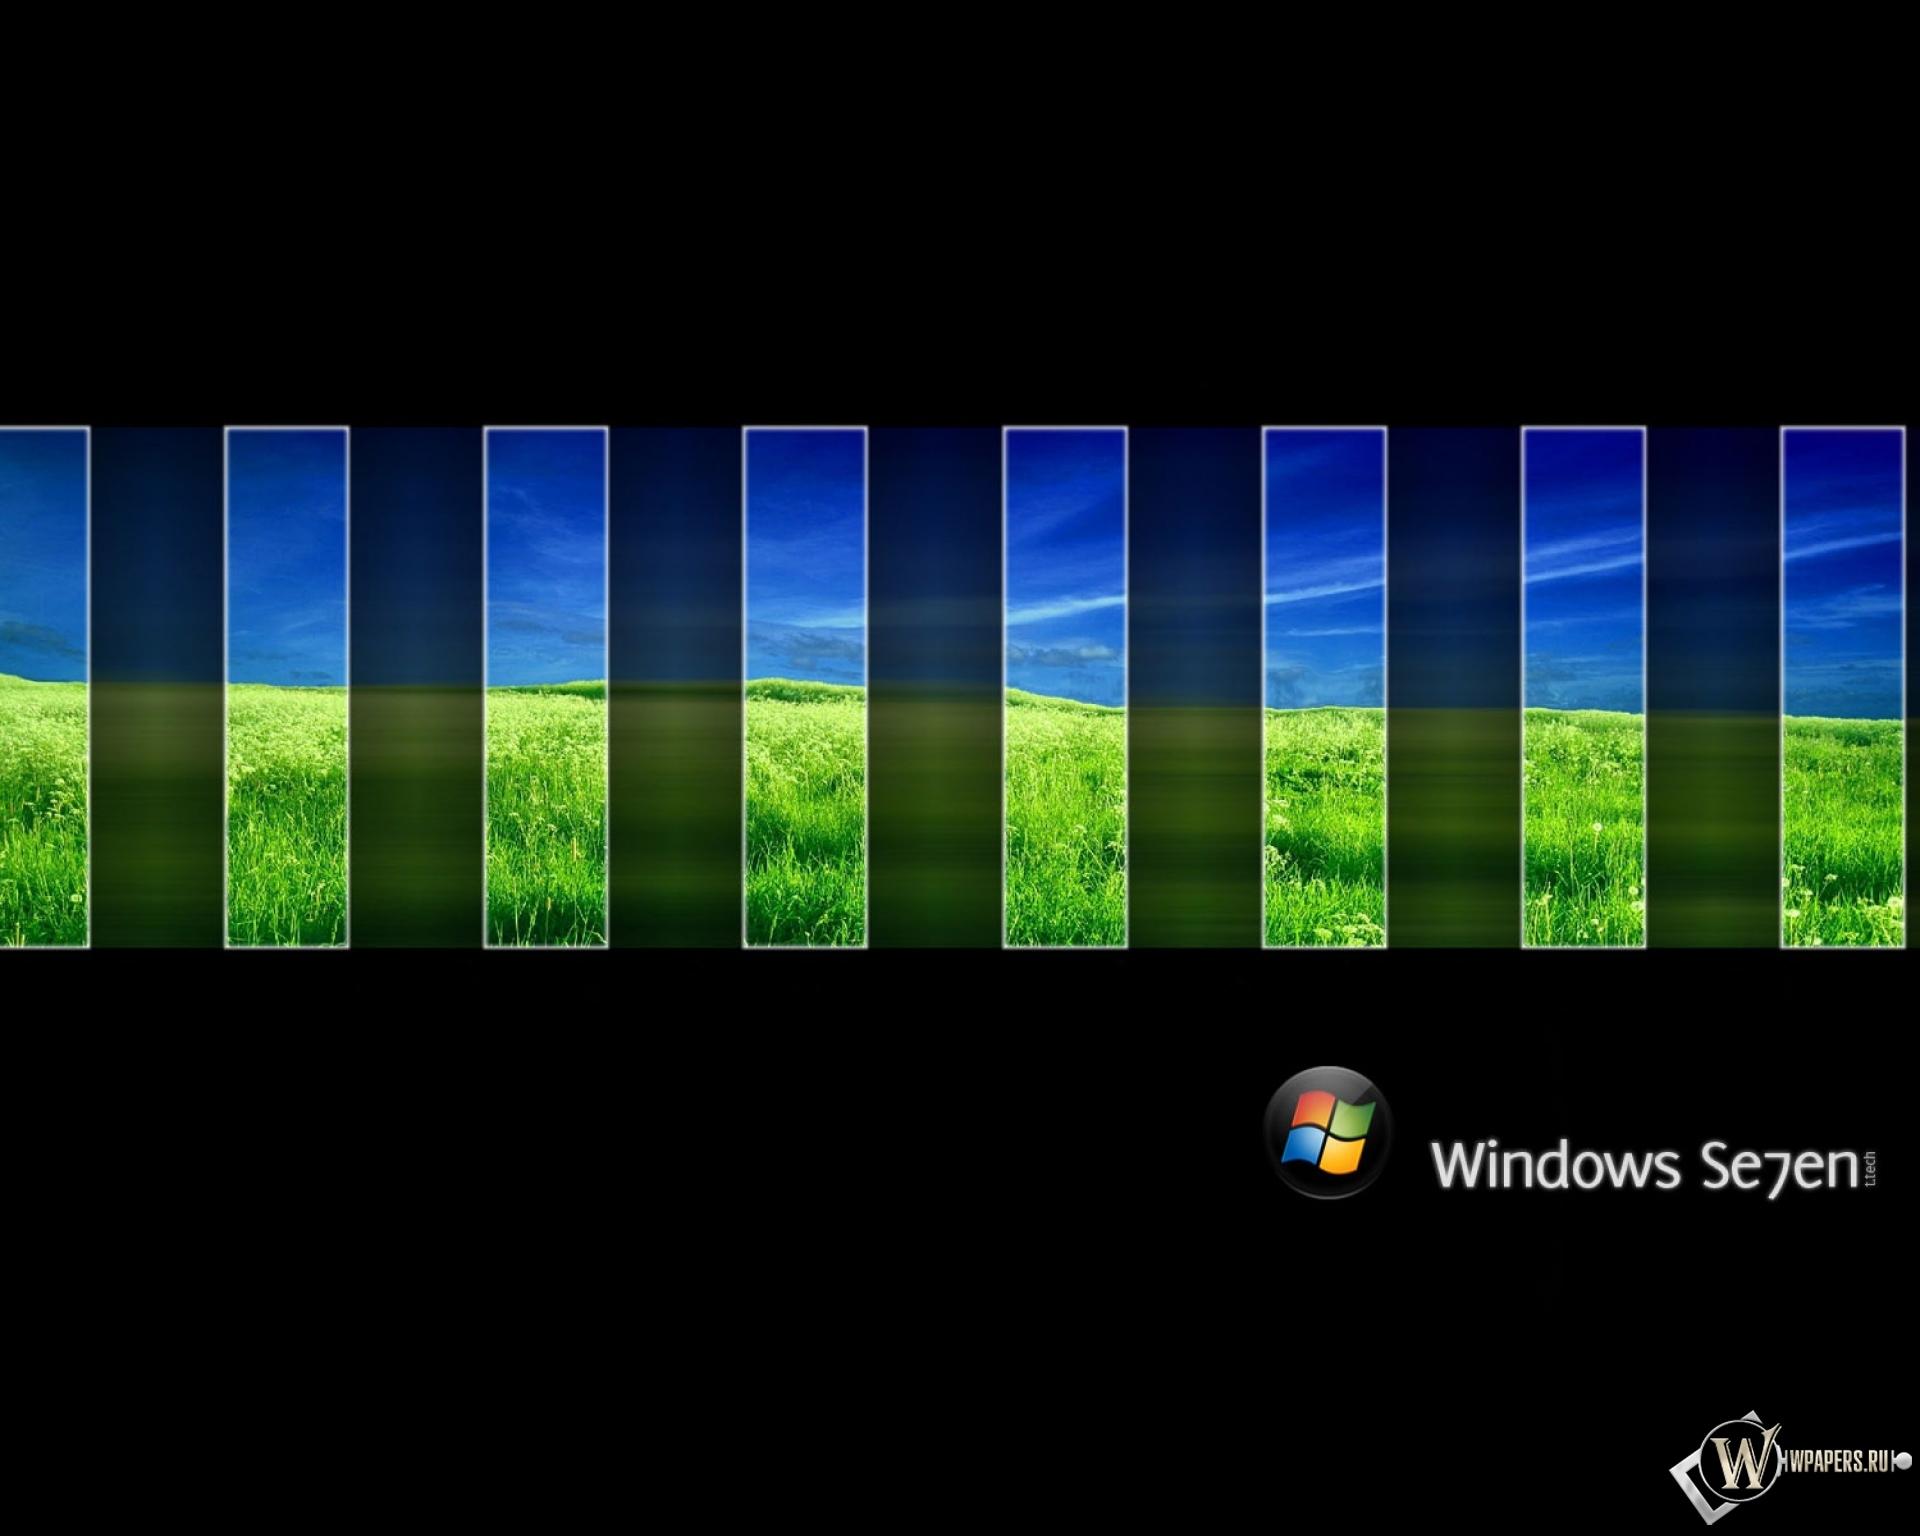 Обои для рабочего стола 1280х1024 для windows 7 скачать бесплатно 14